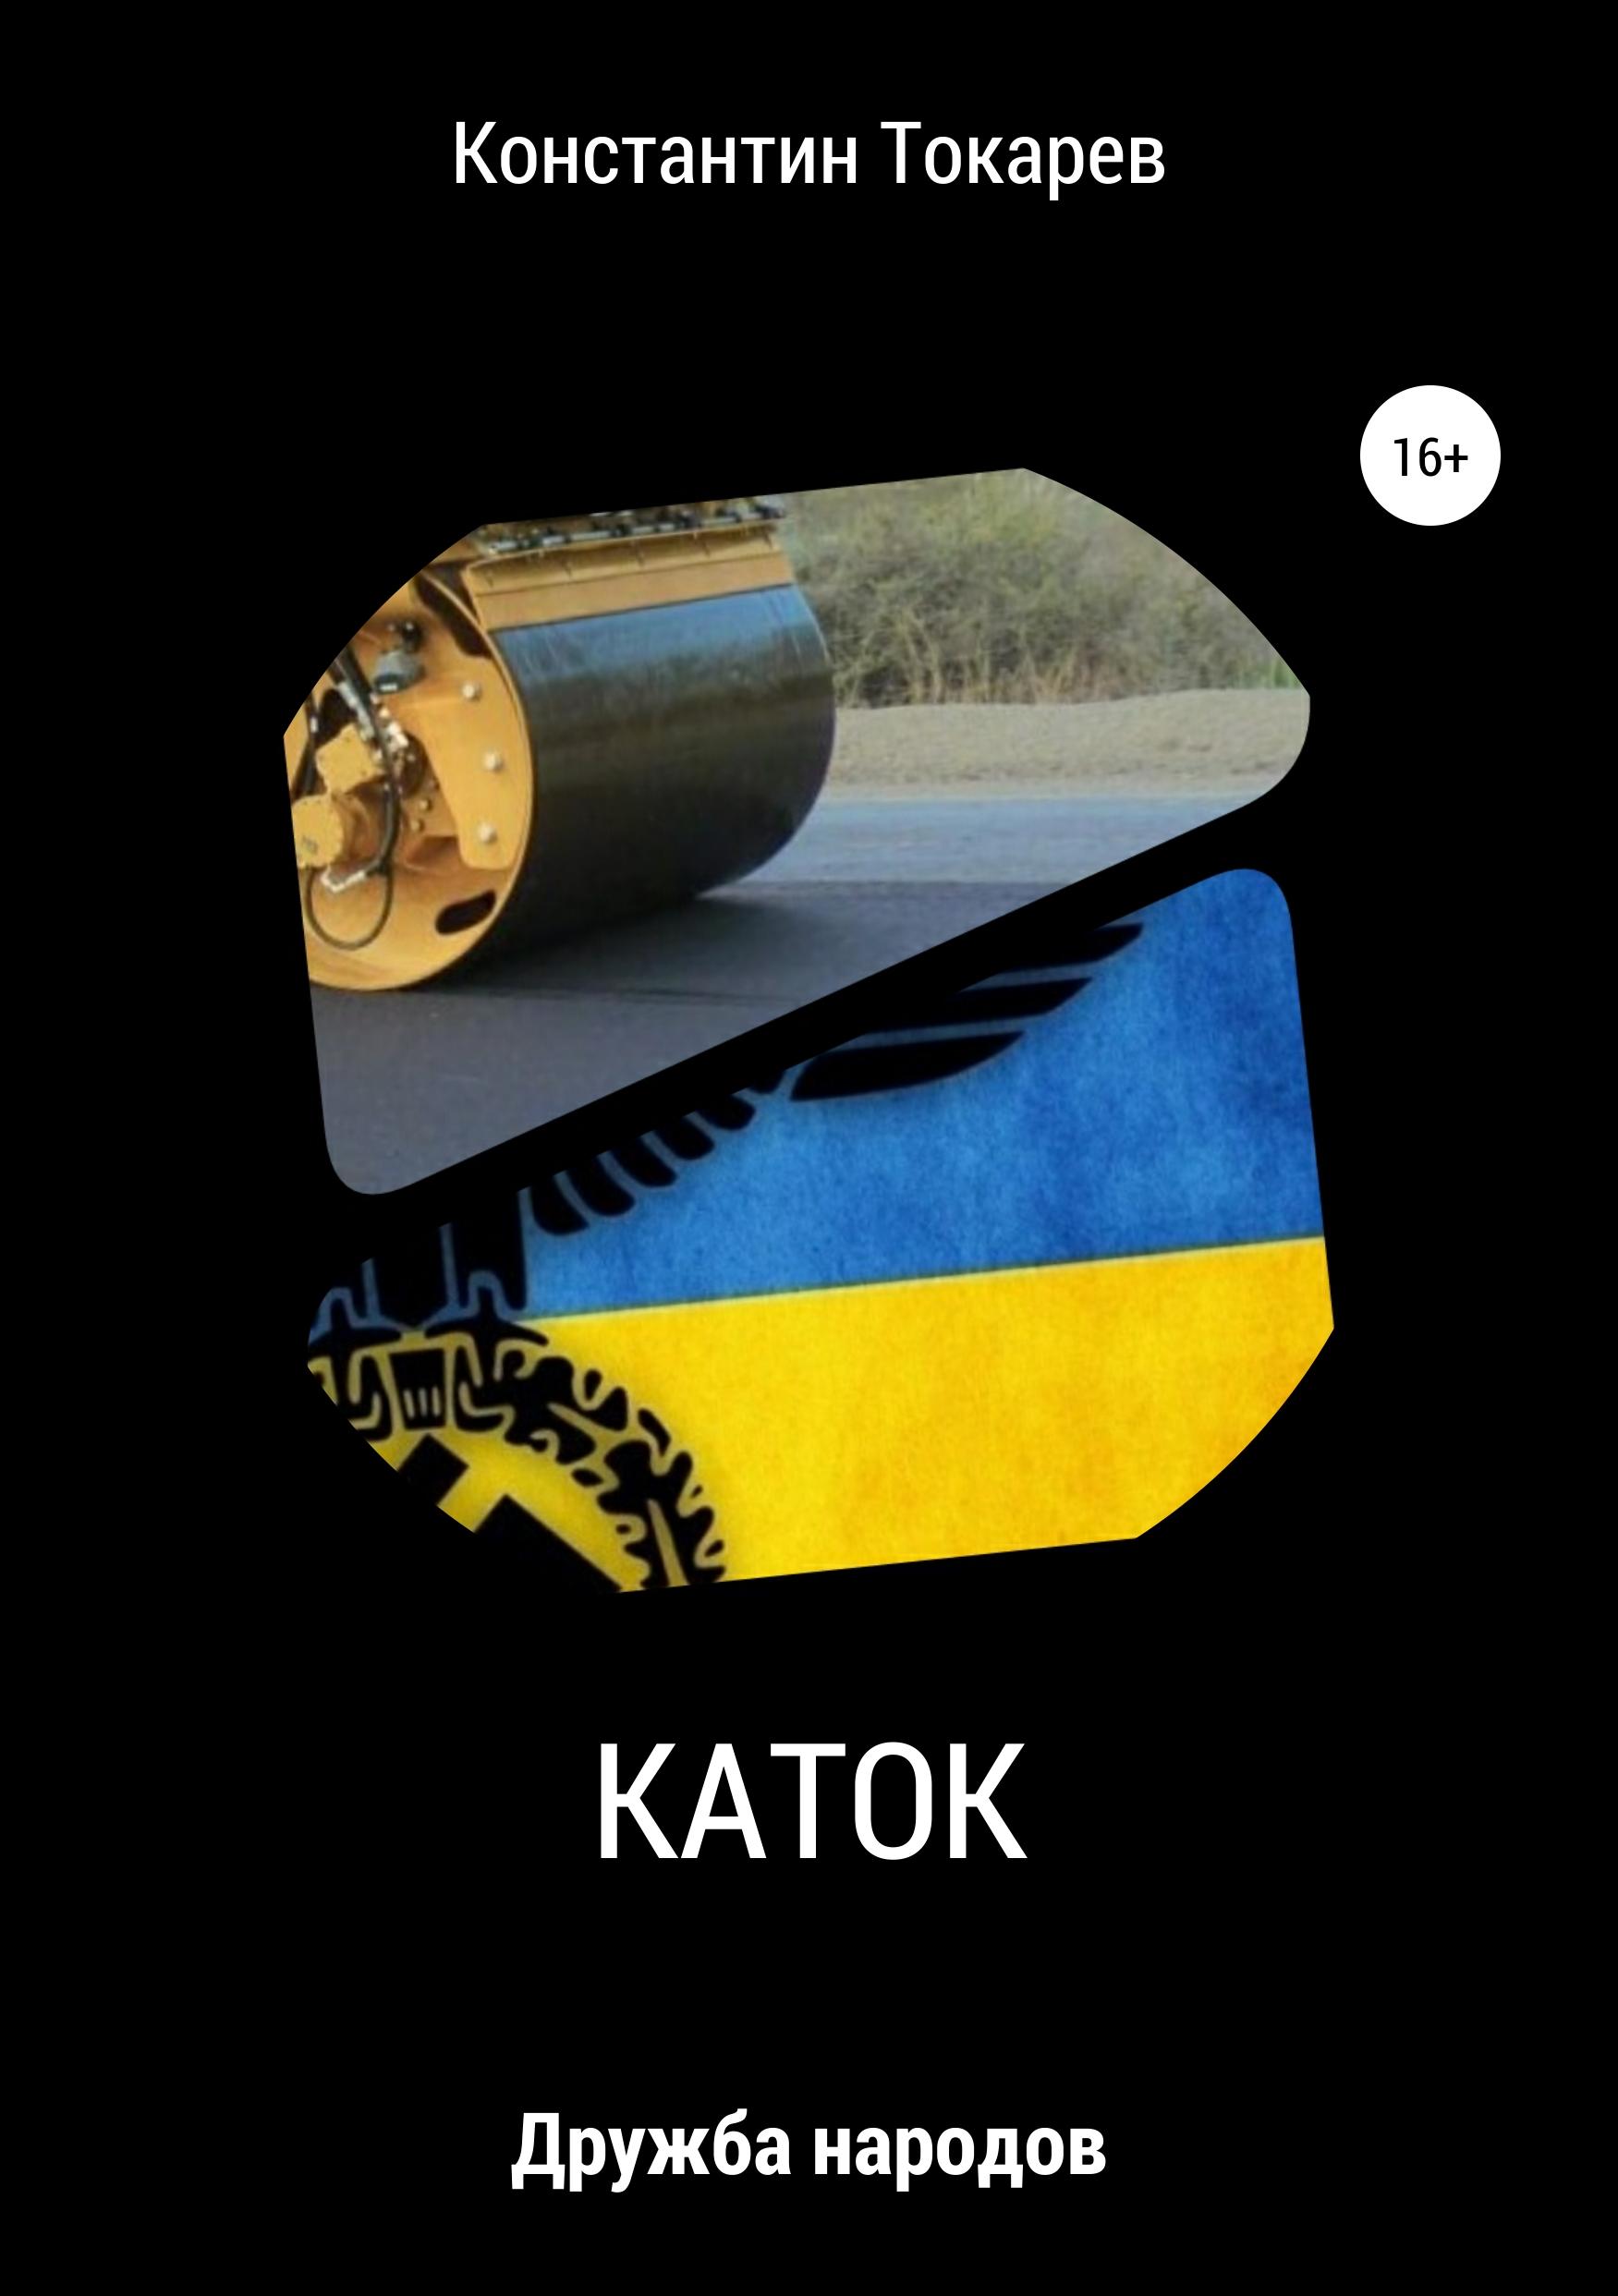 Каток